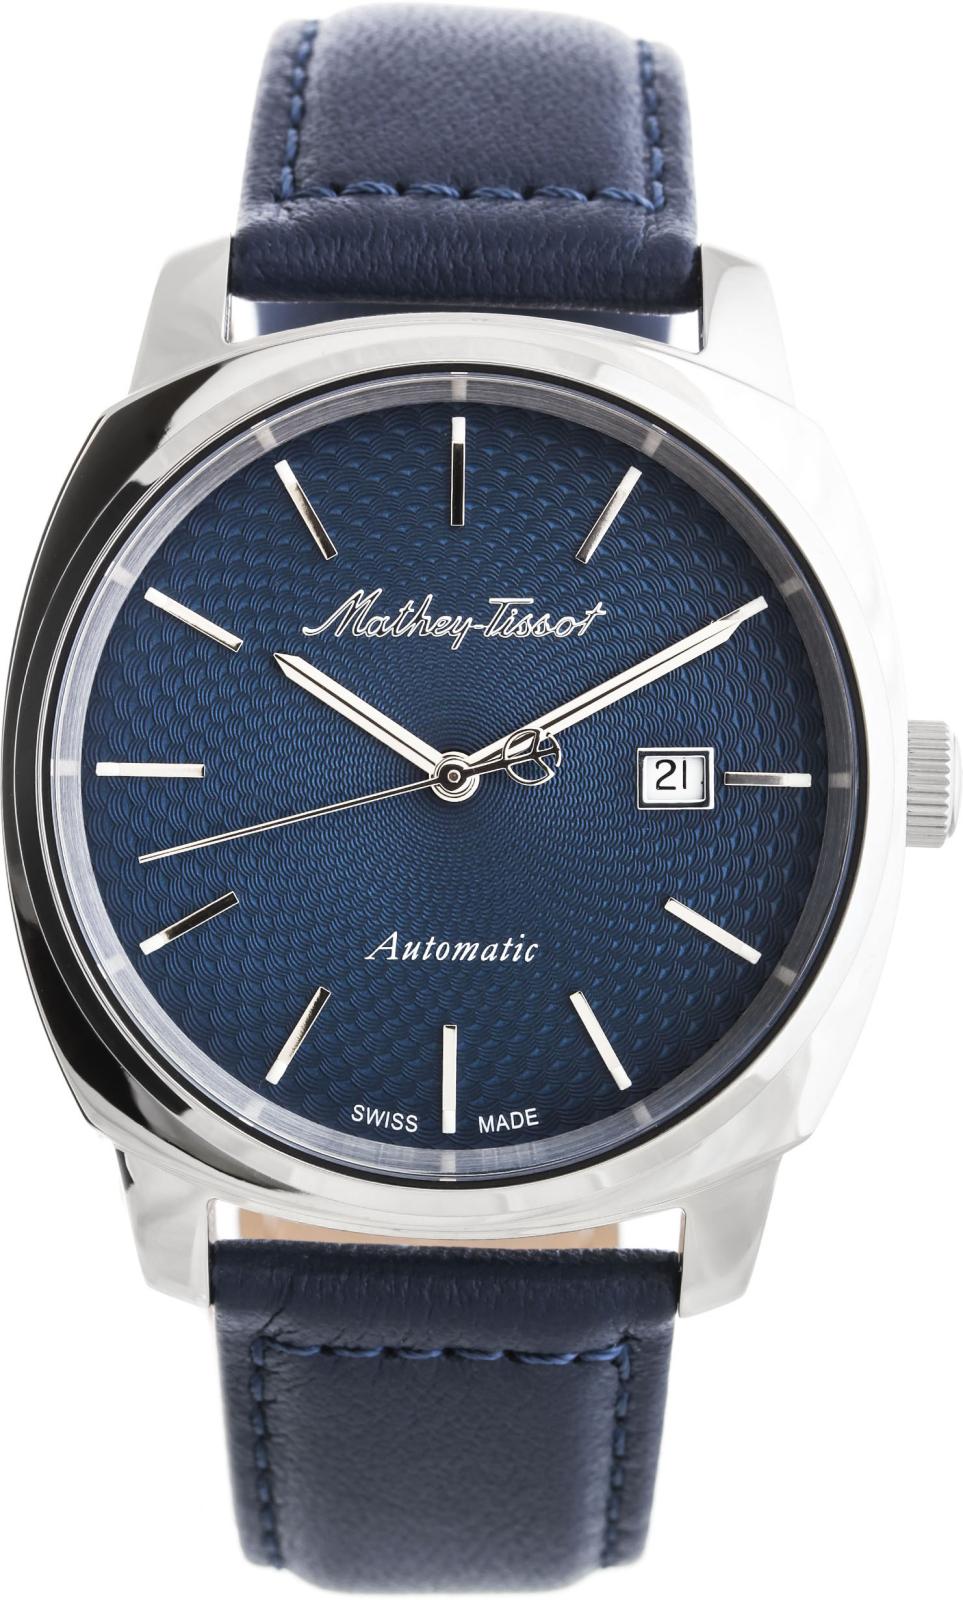 Mathey-Tissot Smart H6940ATBUНаручные часы<br>Швейцарские часы Mathey-Tissot Smart H6940ATBU<br><br>Пол: Мужские<br>Страна-производитель: Швейцария<br>Механизм: Кварцевый<br>Материал корпуса: Сталь<br>Материал ремня/браслета: Кожа<br>Водозащита, диапазон: None<br>Стекло: Сапфировое<br>Толщина корпуса: 11 мм<br>Стиль: None